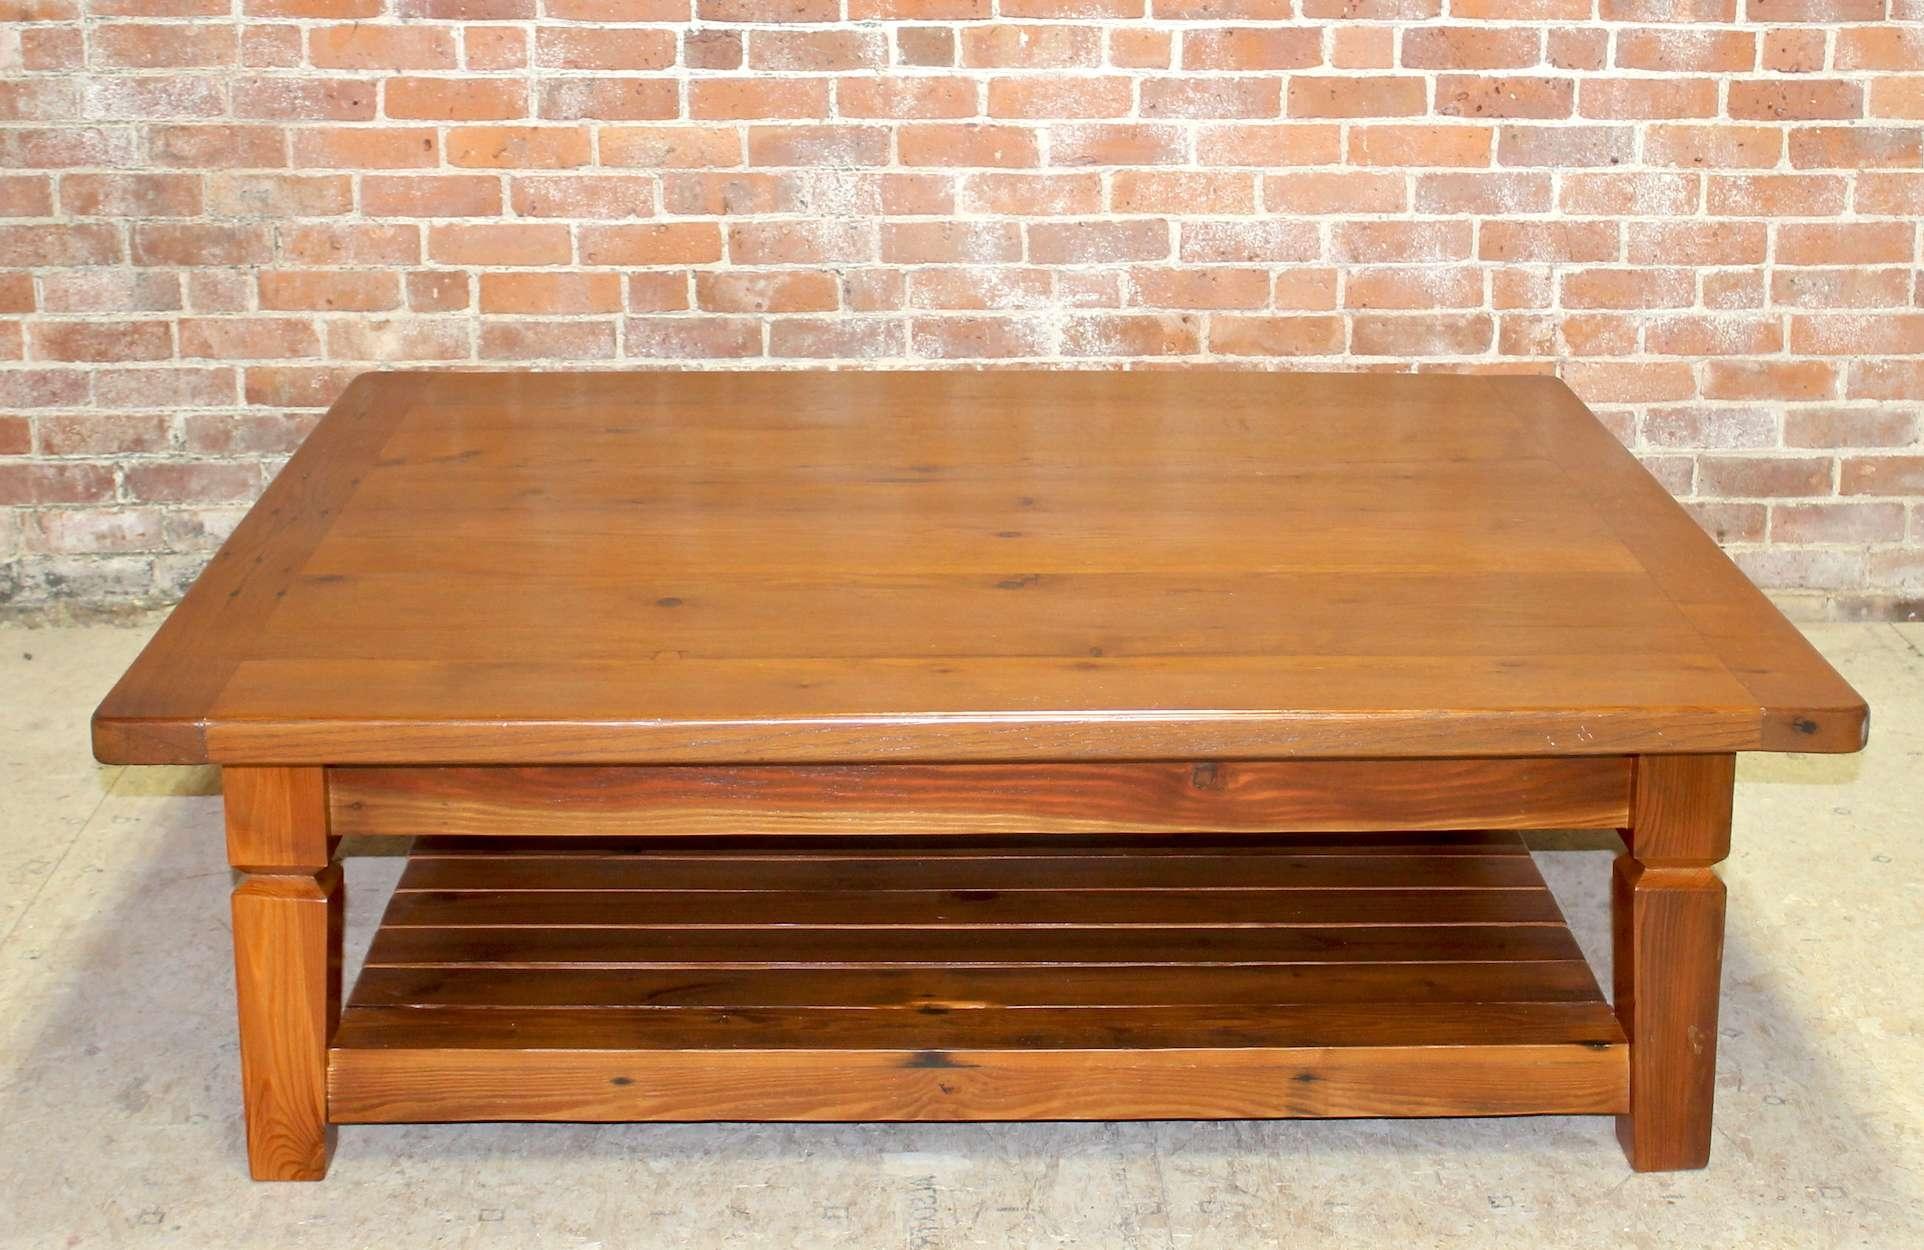 Trendy Oak Coffee Table With Shelf For Oak Coffee Table With Slatted Shelf – Ecustomfinishes (View 17 of 20)